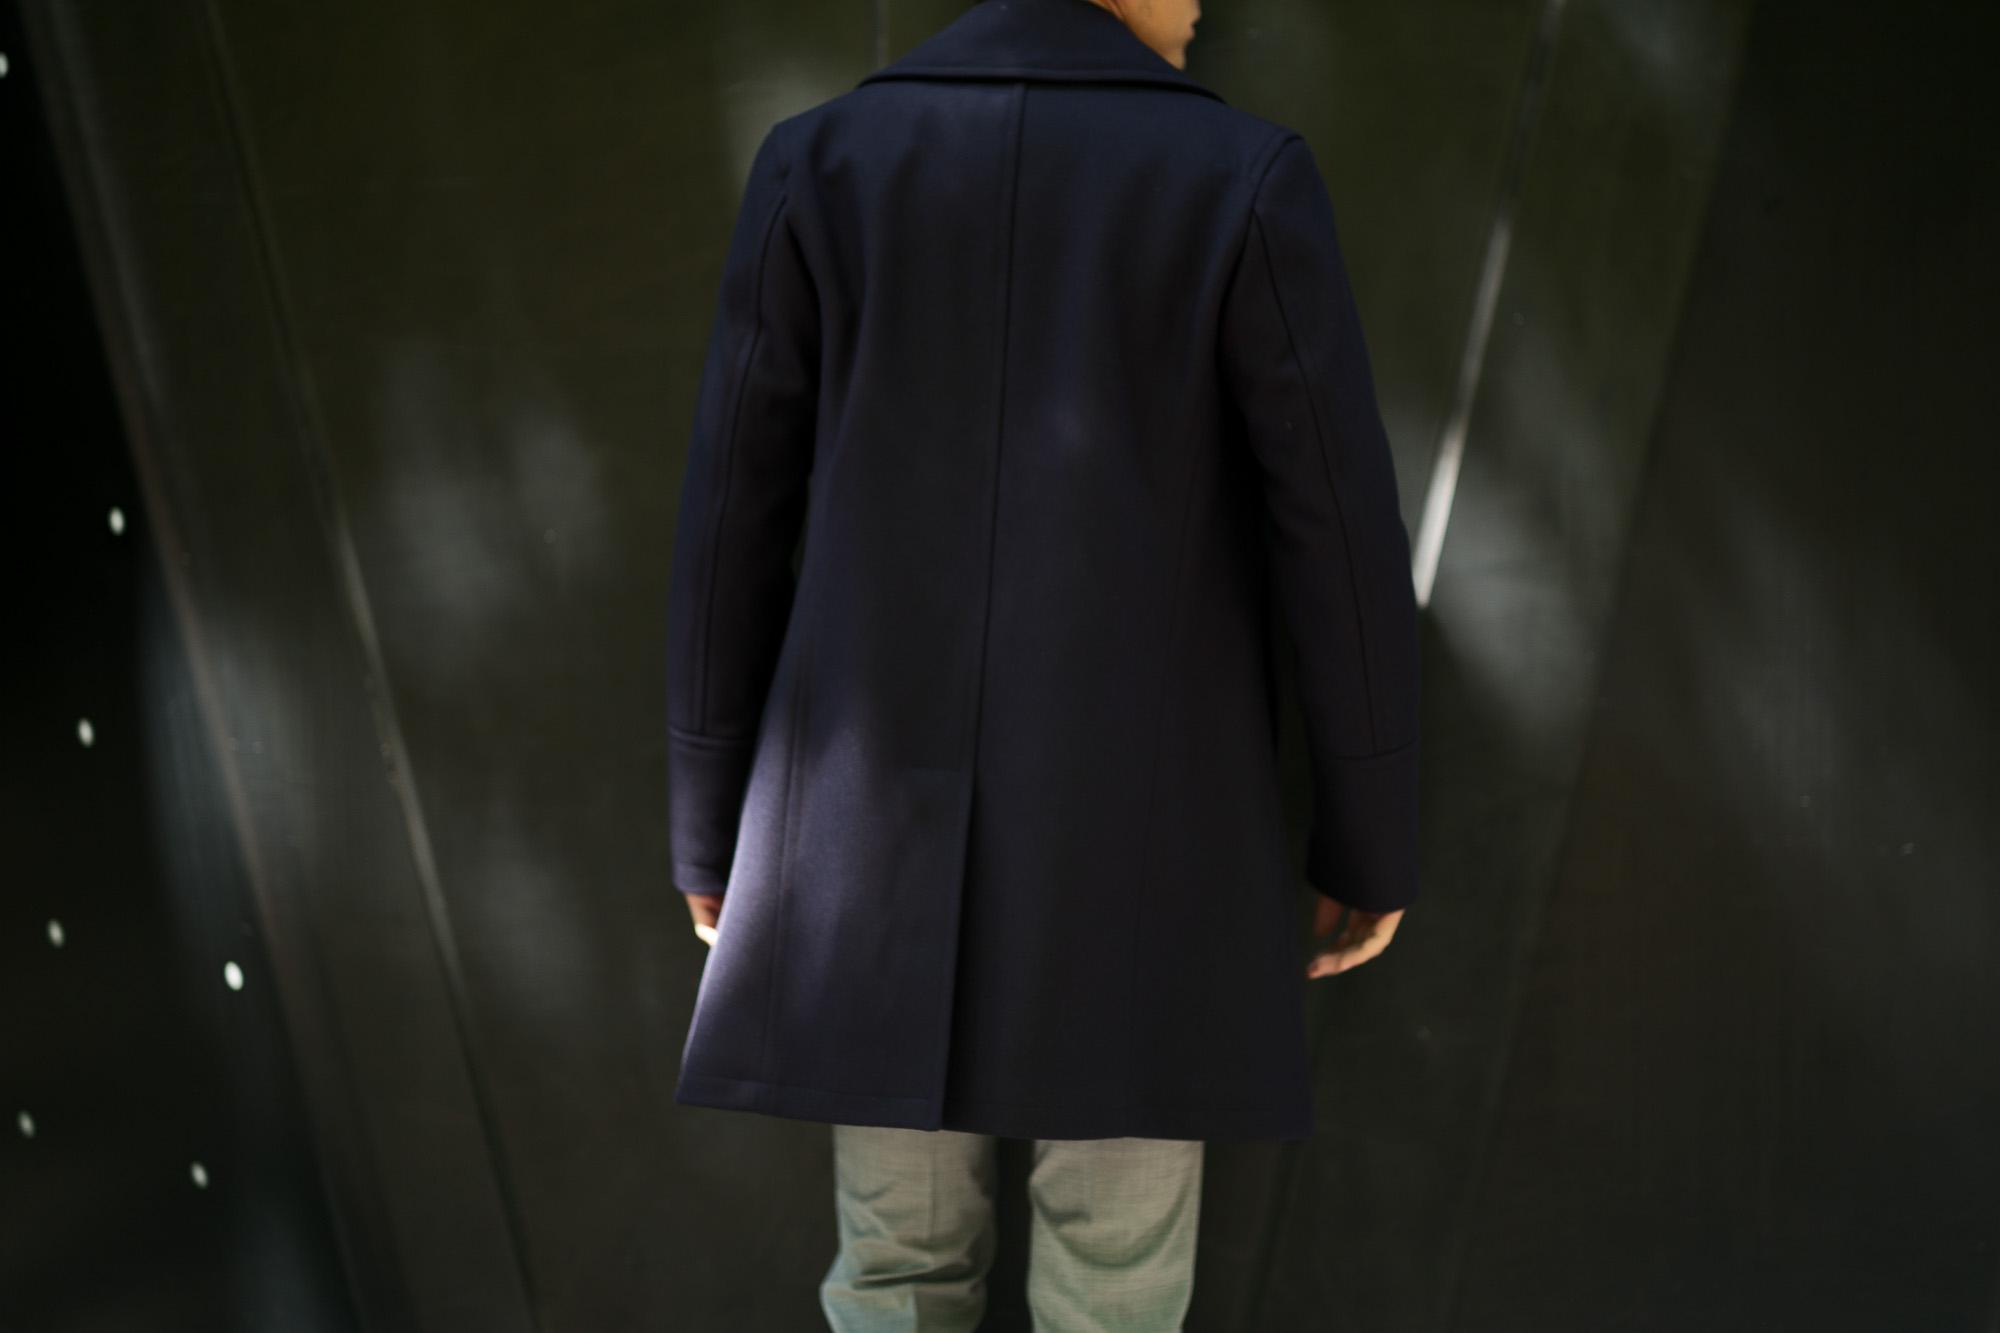 Sealup(シーラップ) GENOVA(ジェノバ) 50002 7591 01 メルトンウール サーモアライニング ロングPコート  NAVY (ネイビー・01) MADE IN ITALY(イタリア製) 2019 秋冬 【ご予約受付中】 シーラップ 愛知 名古屋 Alto e Diritto アルト エ デリット Pコート コート coat